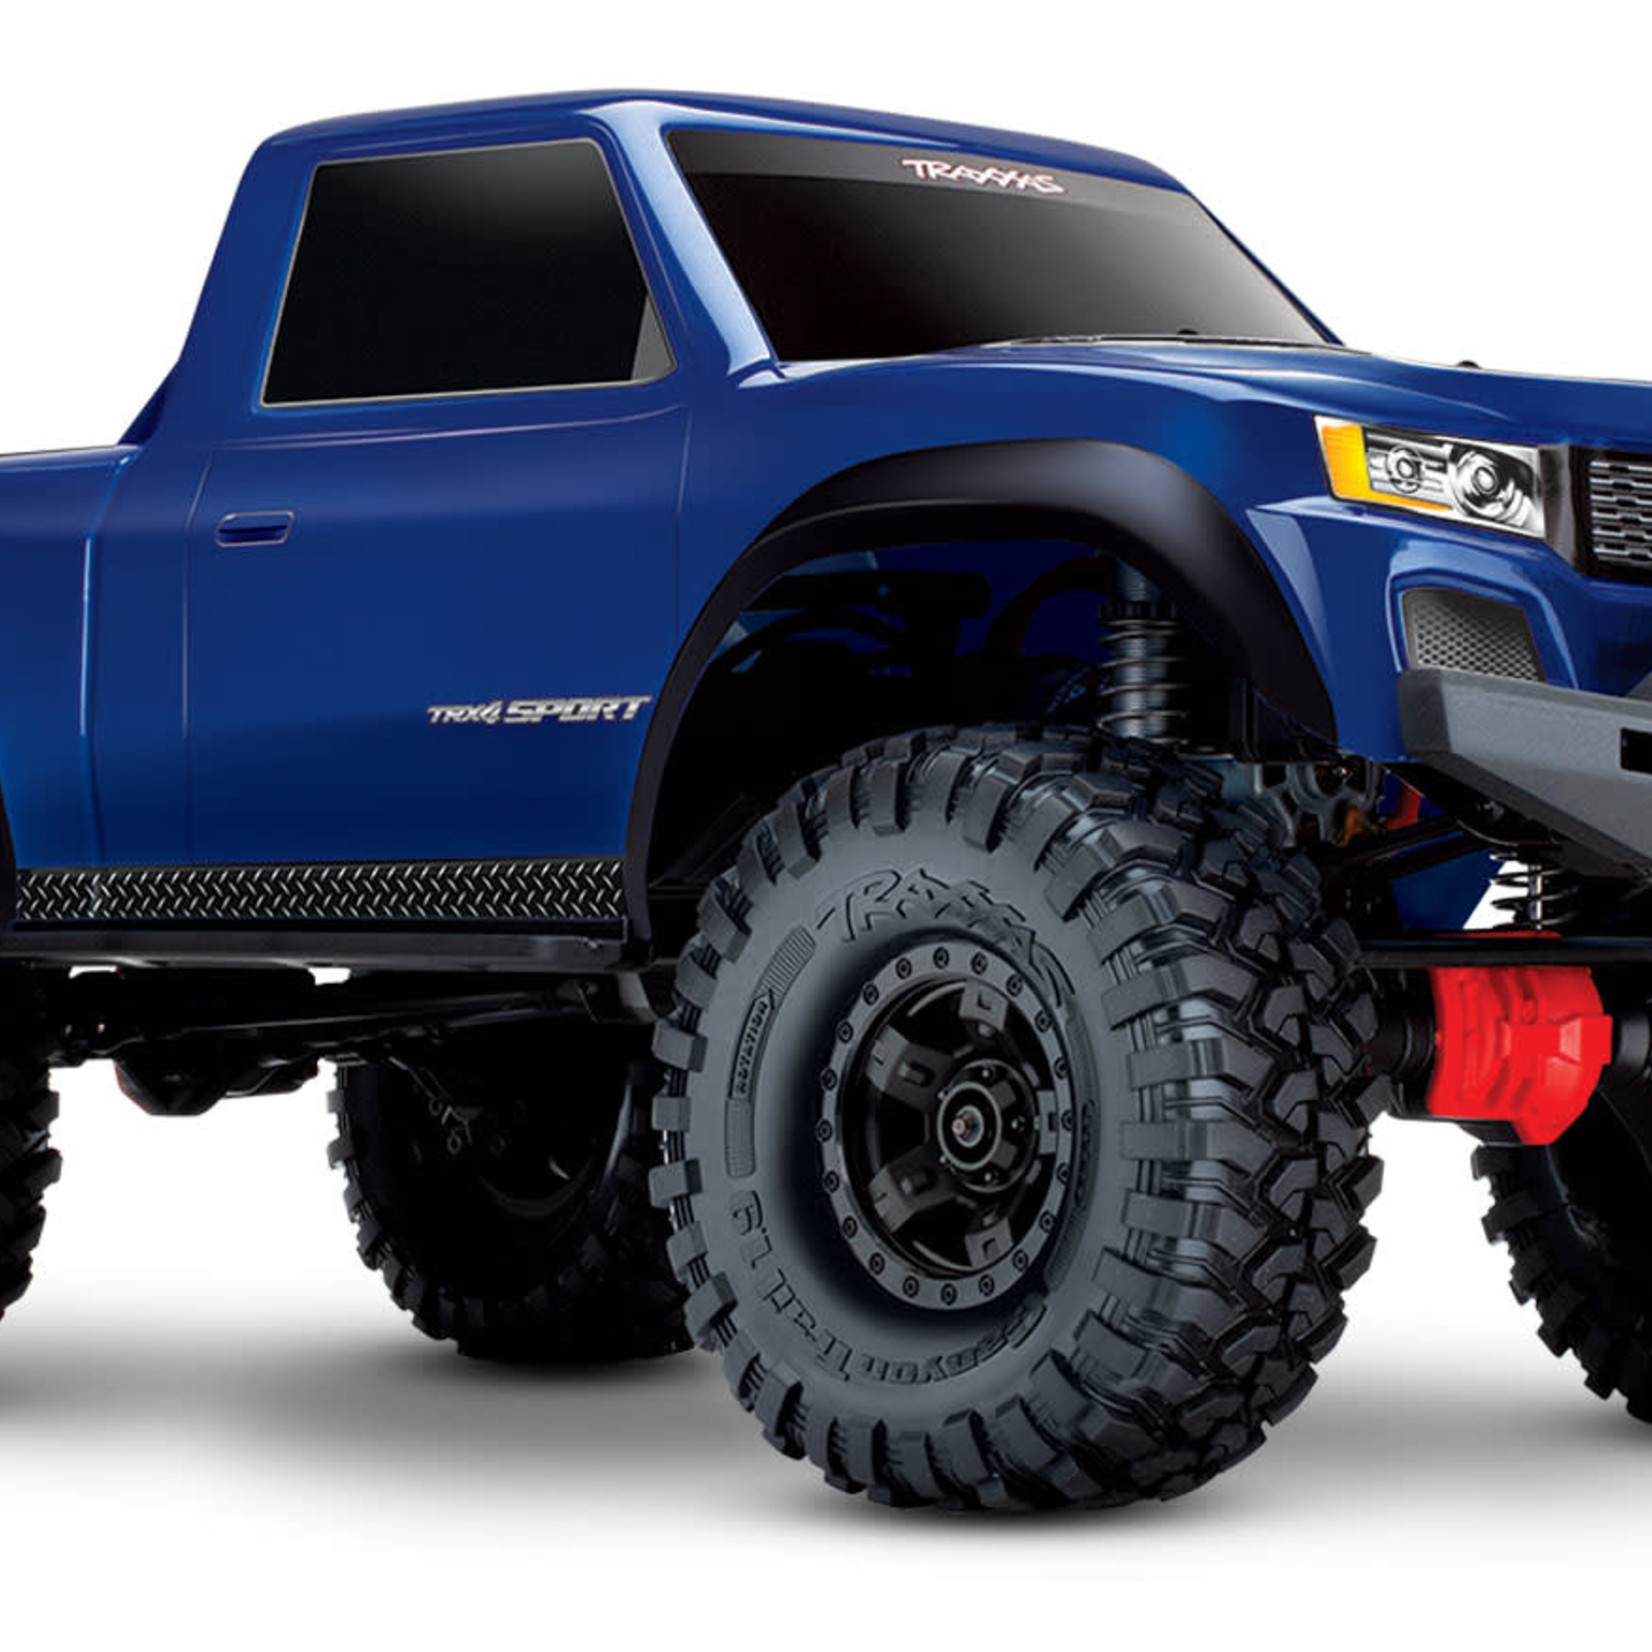 Traxxas Traxxas TRX-4 Sport: 4WD Electric Truck